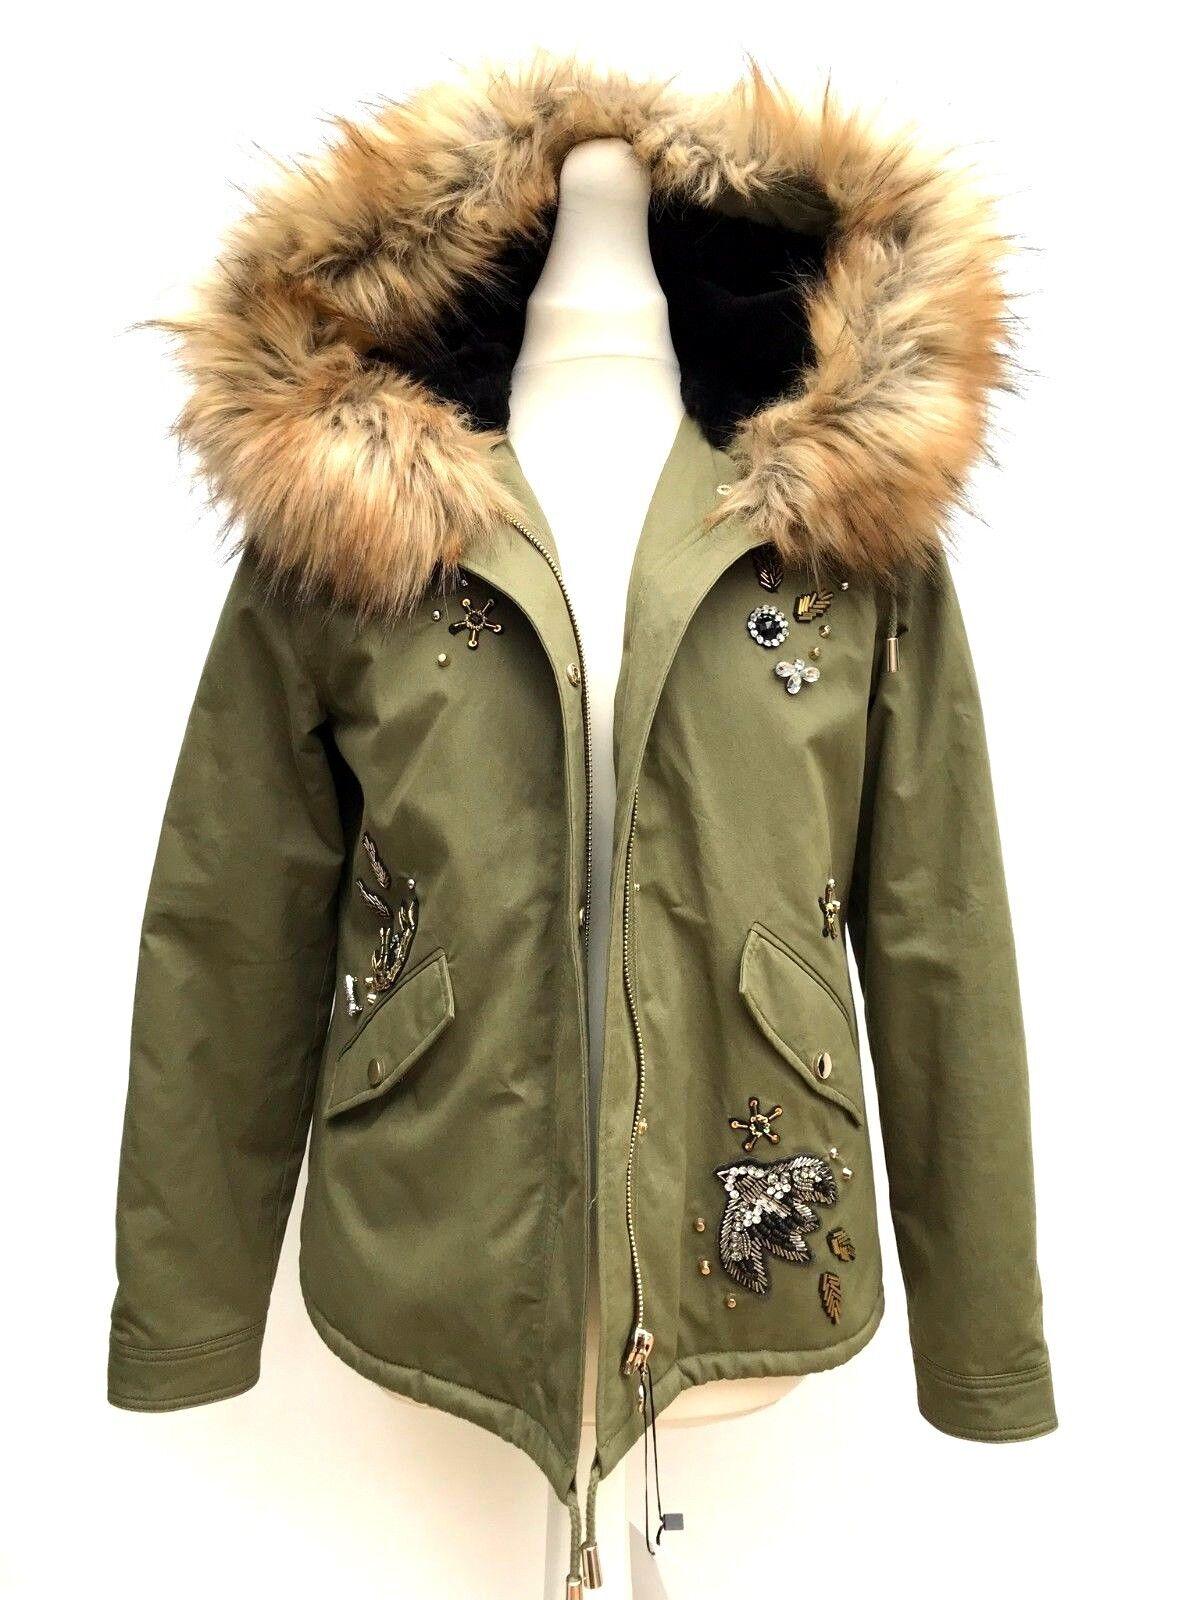 Zara Khaki Pailletten Parka Mantel mit Aufnäher Größe S Ref 7522 280     Spaß    Neuer Stil    Roman    Tadellos    Praktisch Und Wirtschaftlich